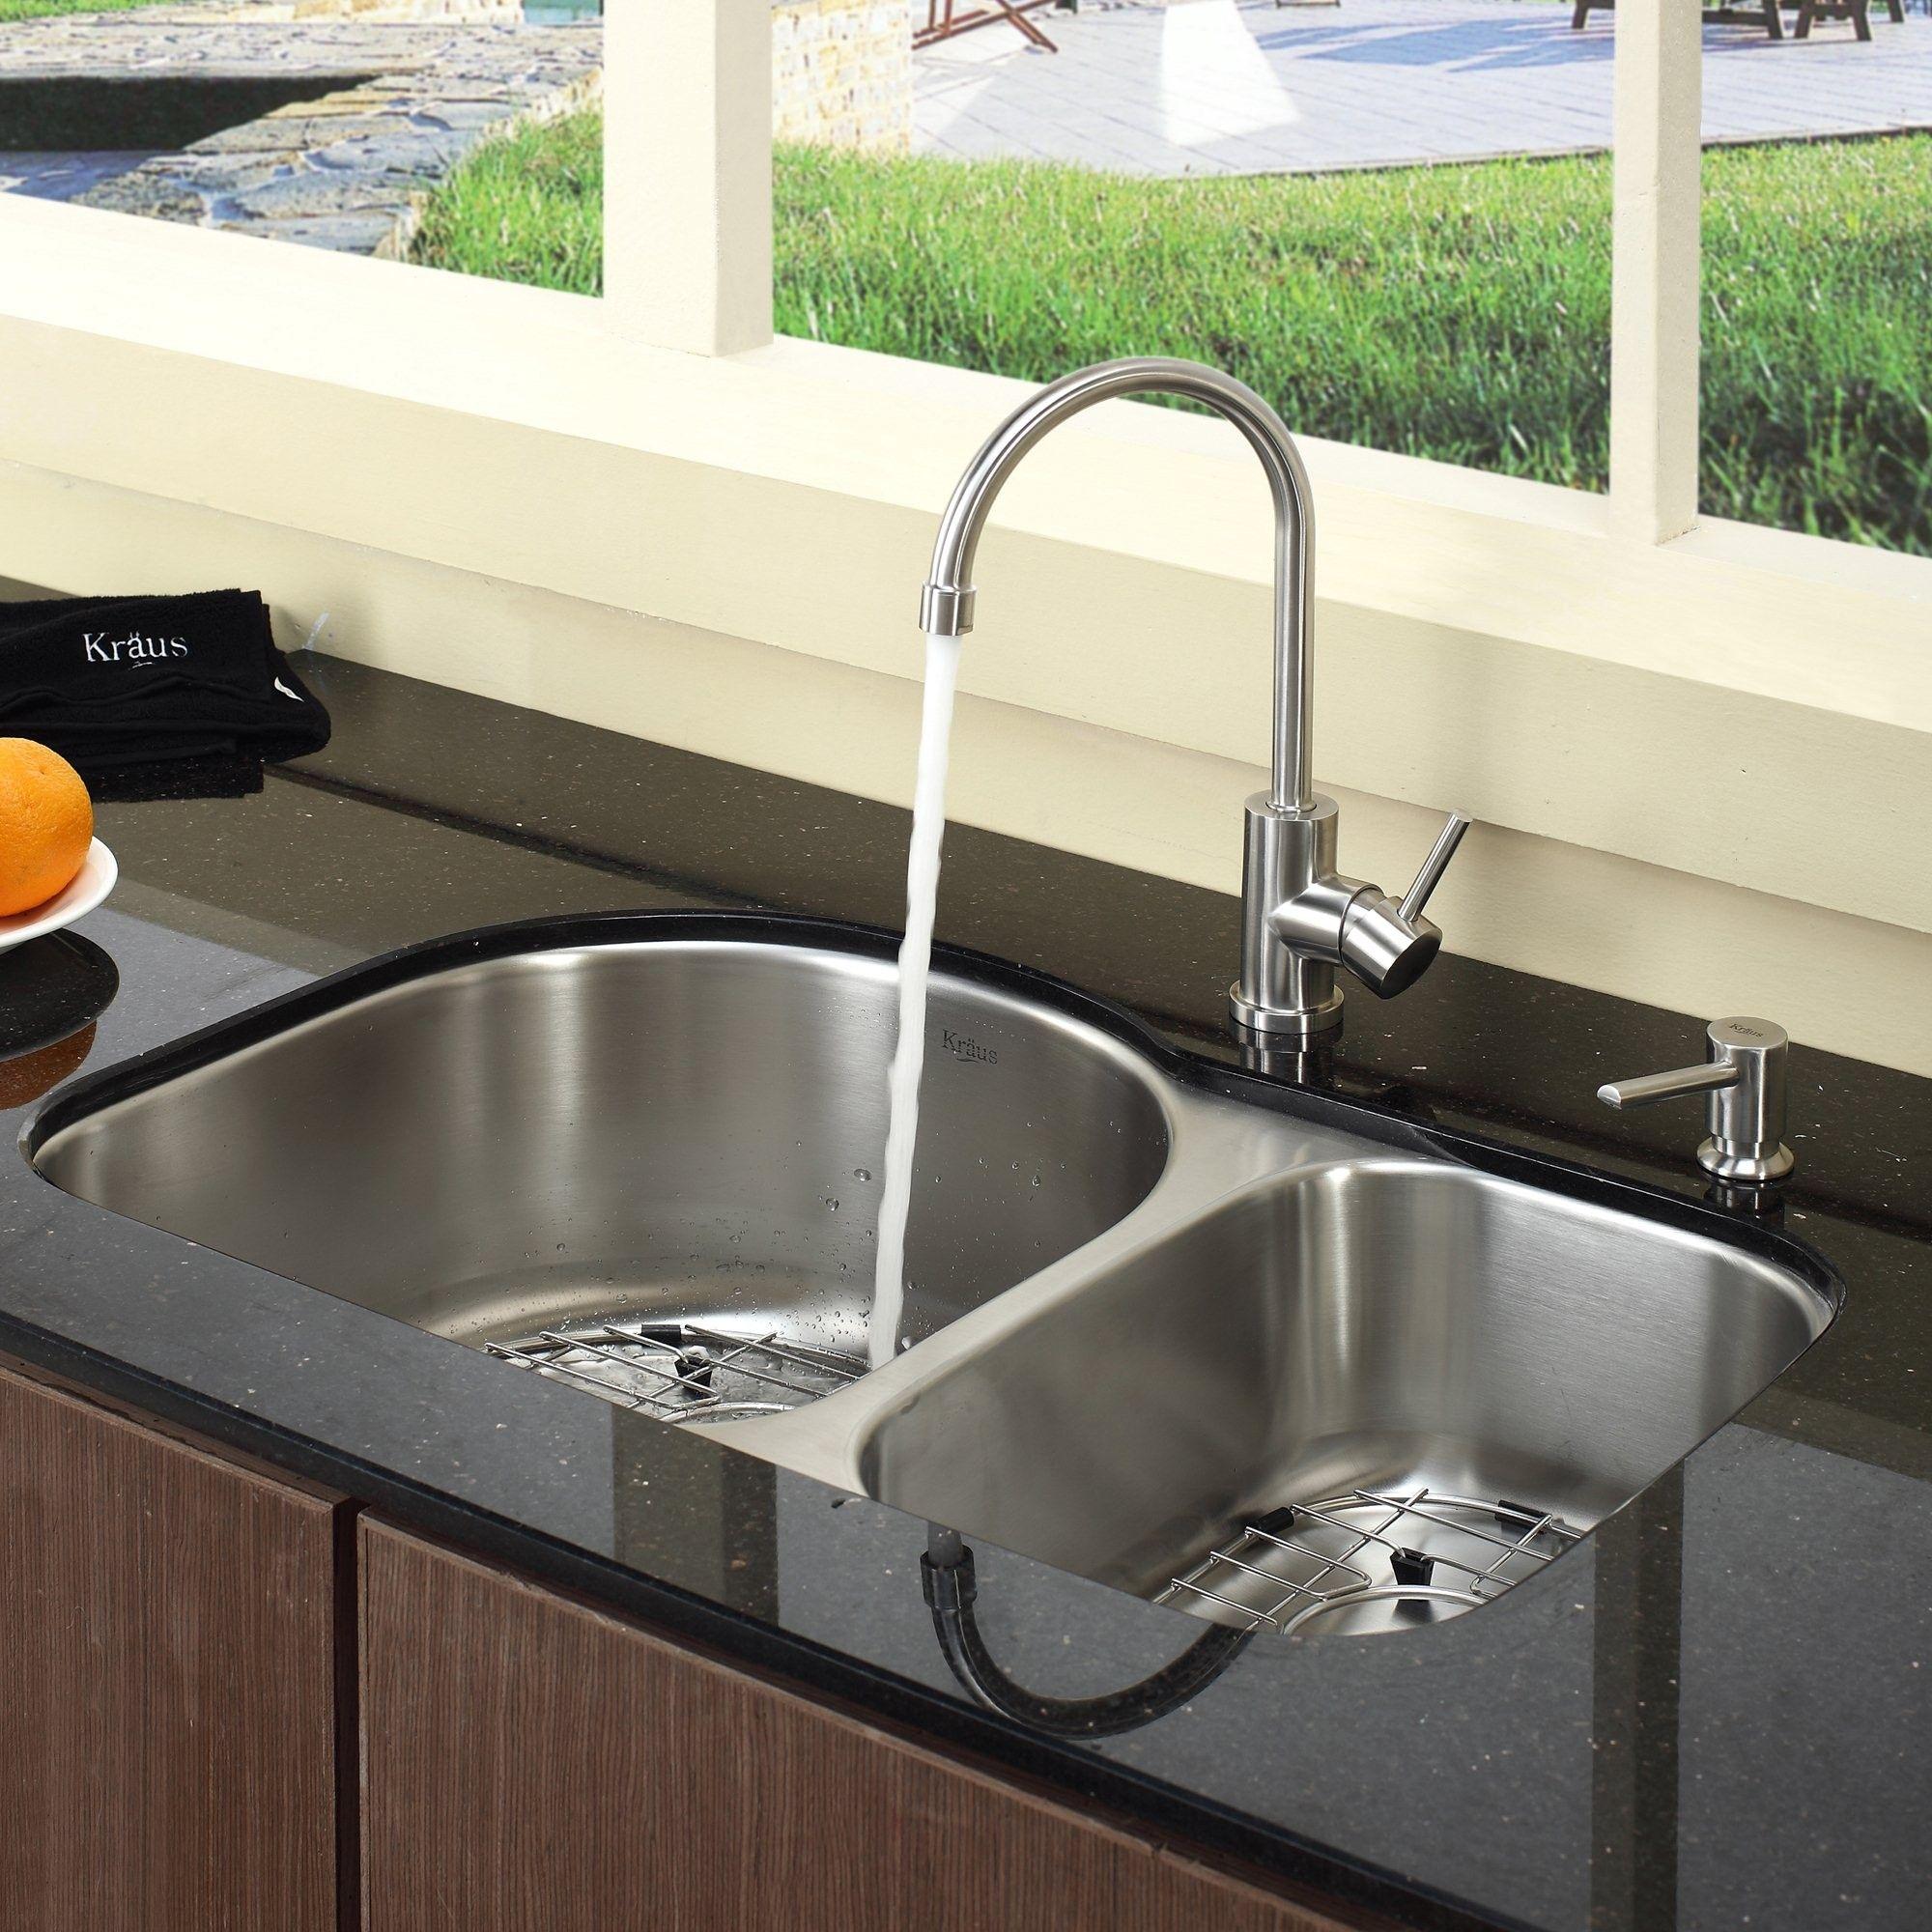 Undermount Kitchen Sinks Stainless Steel modern undermount stainless steel sinks for best kitchen sink idea